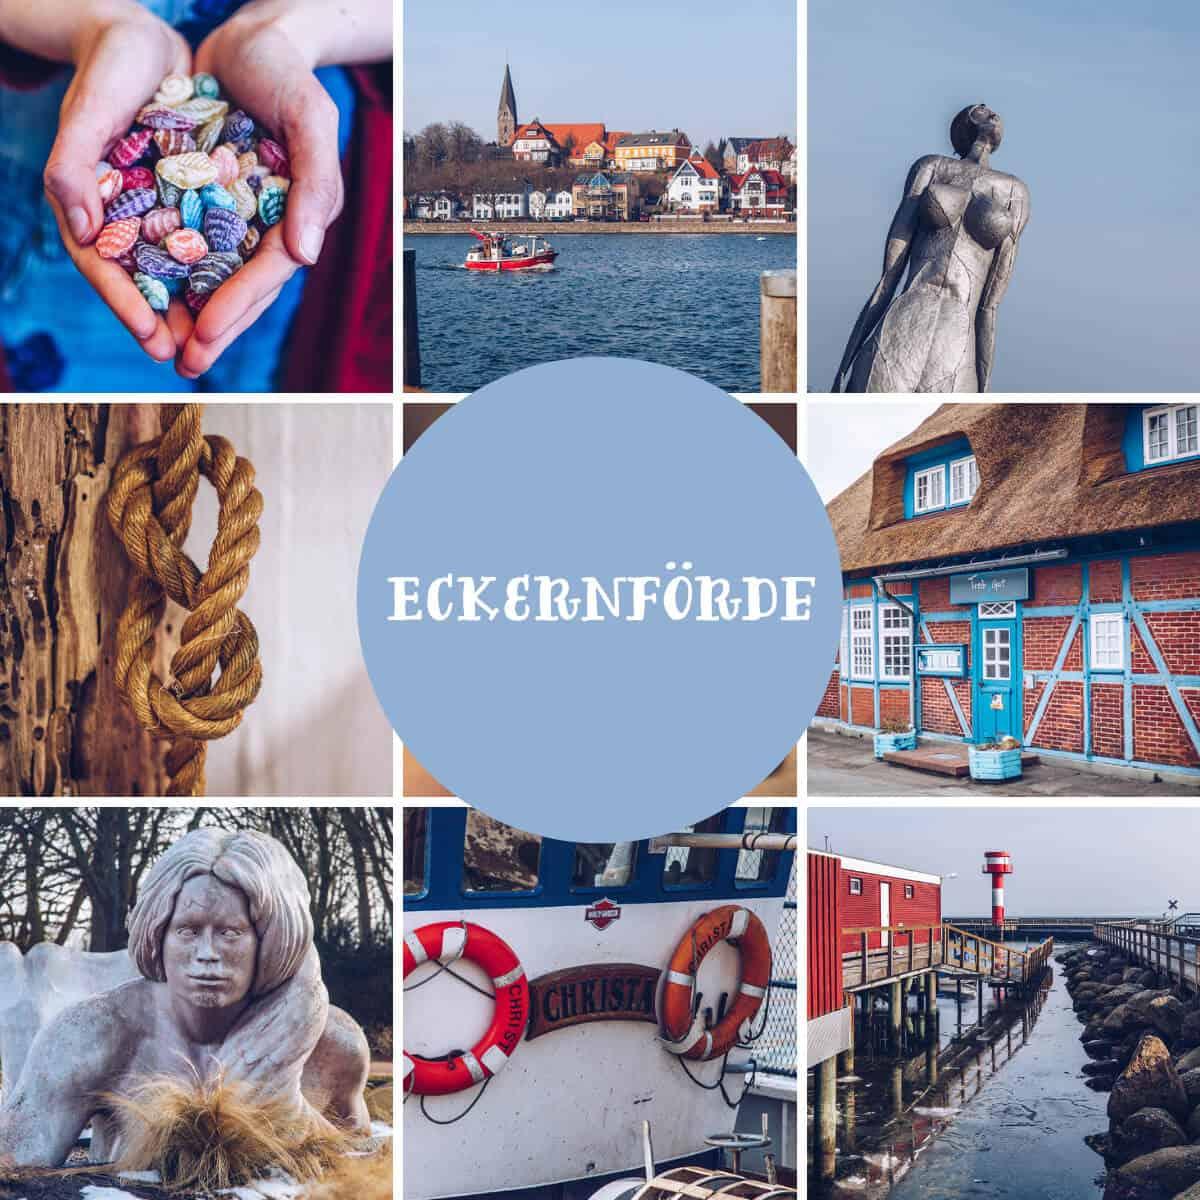 8 Urlaubsorte an der Ostseeküste: Eckernförde Tipps Ausflug